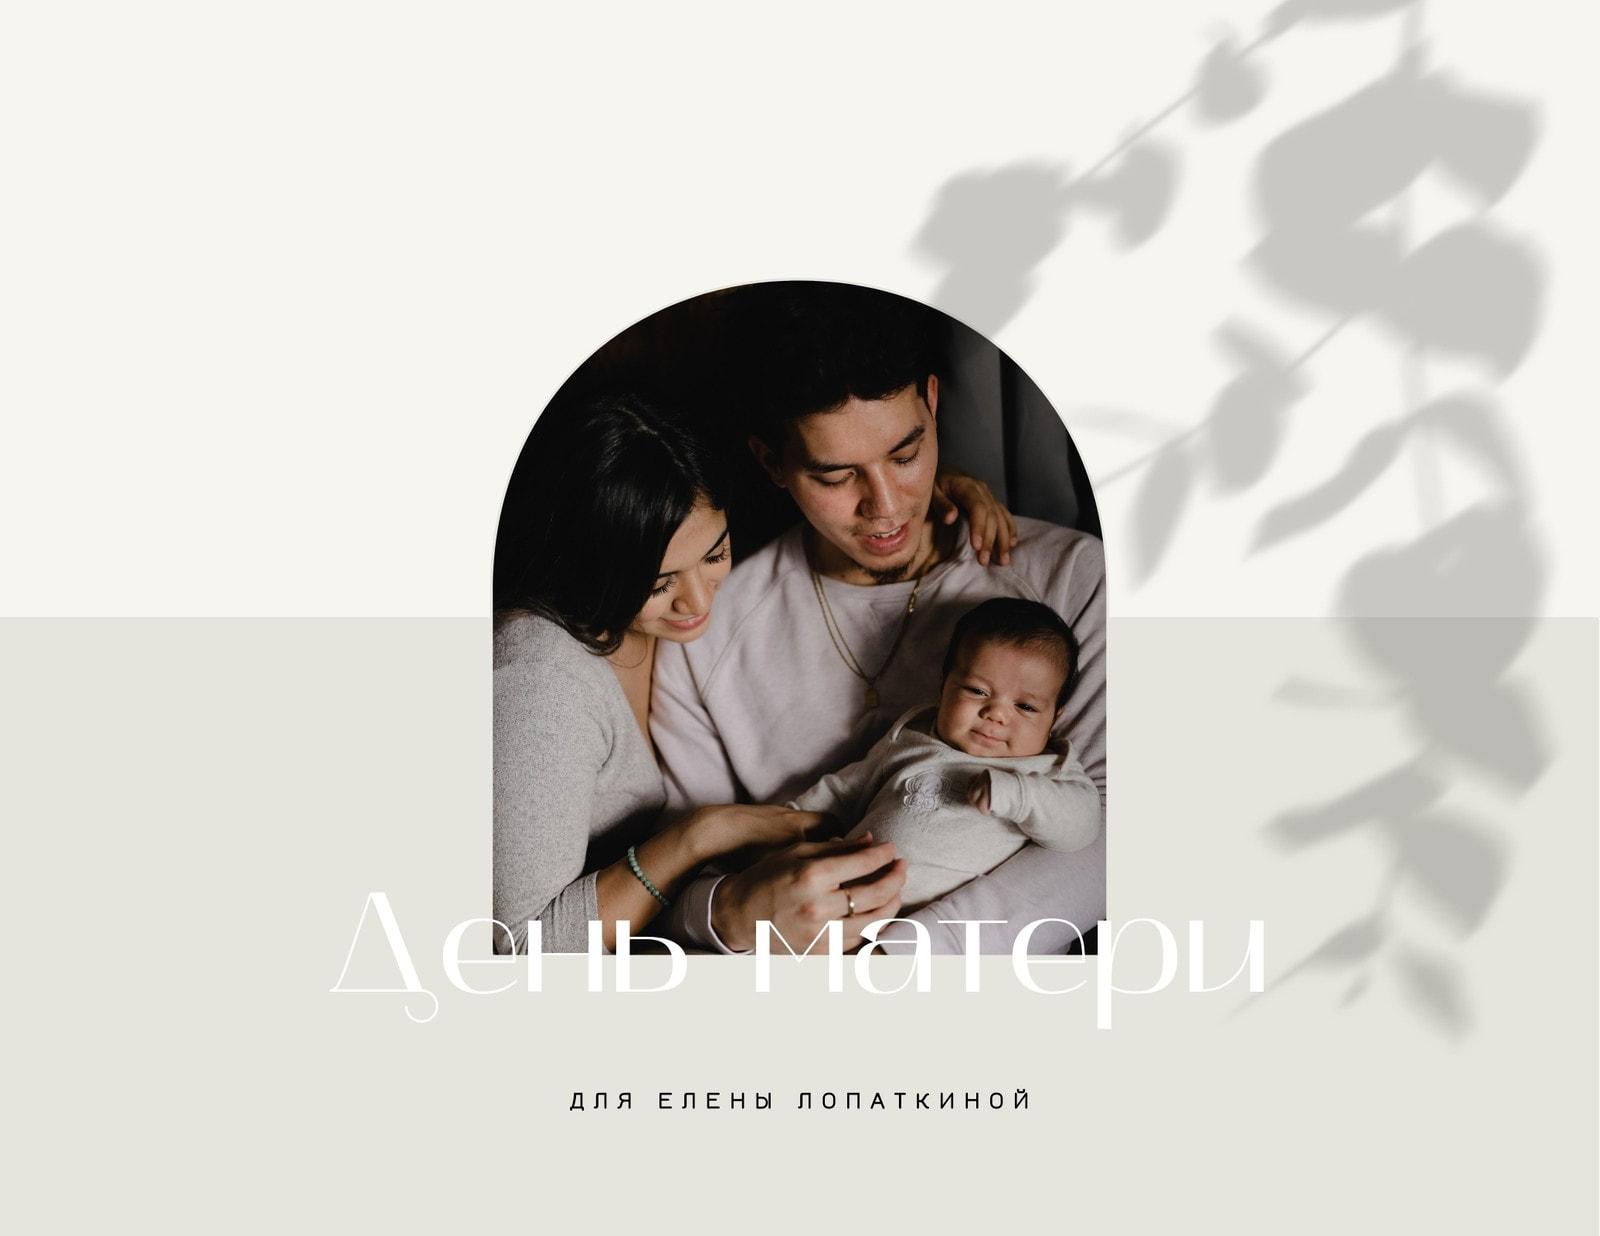 Бежевый Темно-бордовый и Коричневый Современный Женственный Семья День матери Фотография Книга